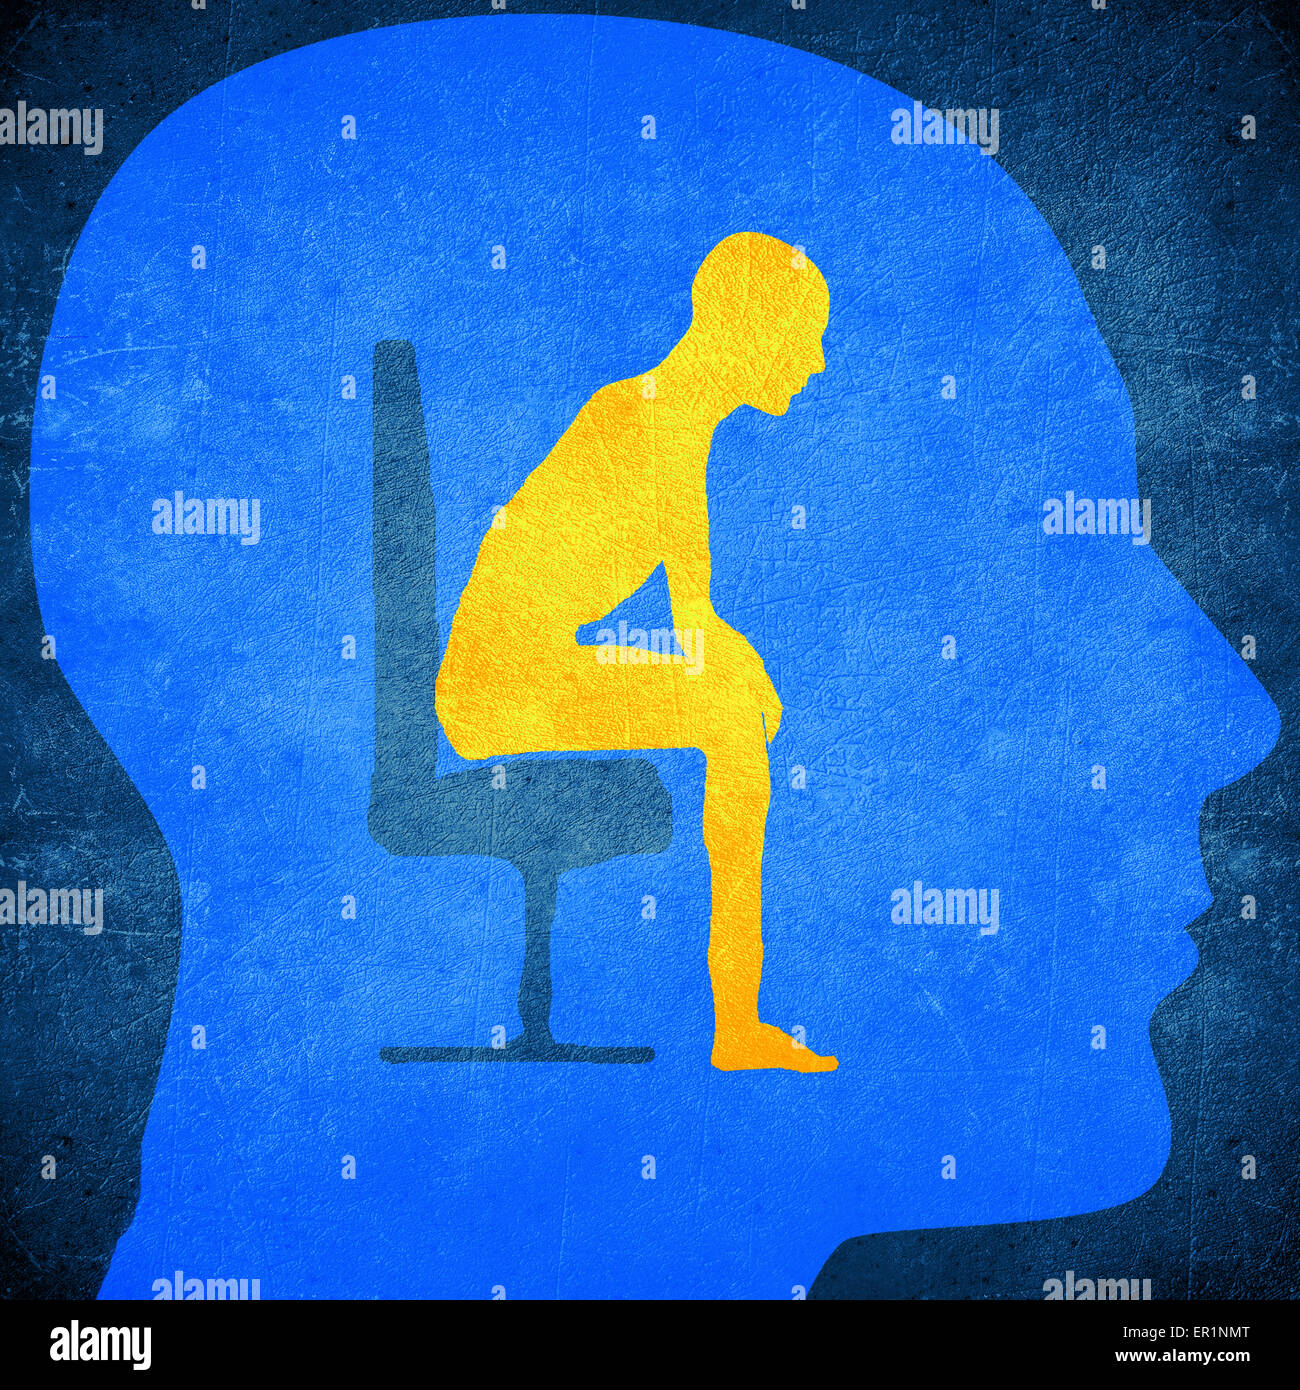 Blau menschlichen Kopf Silhouette mit ein Mann sitzt im Inneren psychologie Konzept Stockbild